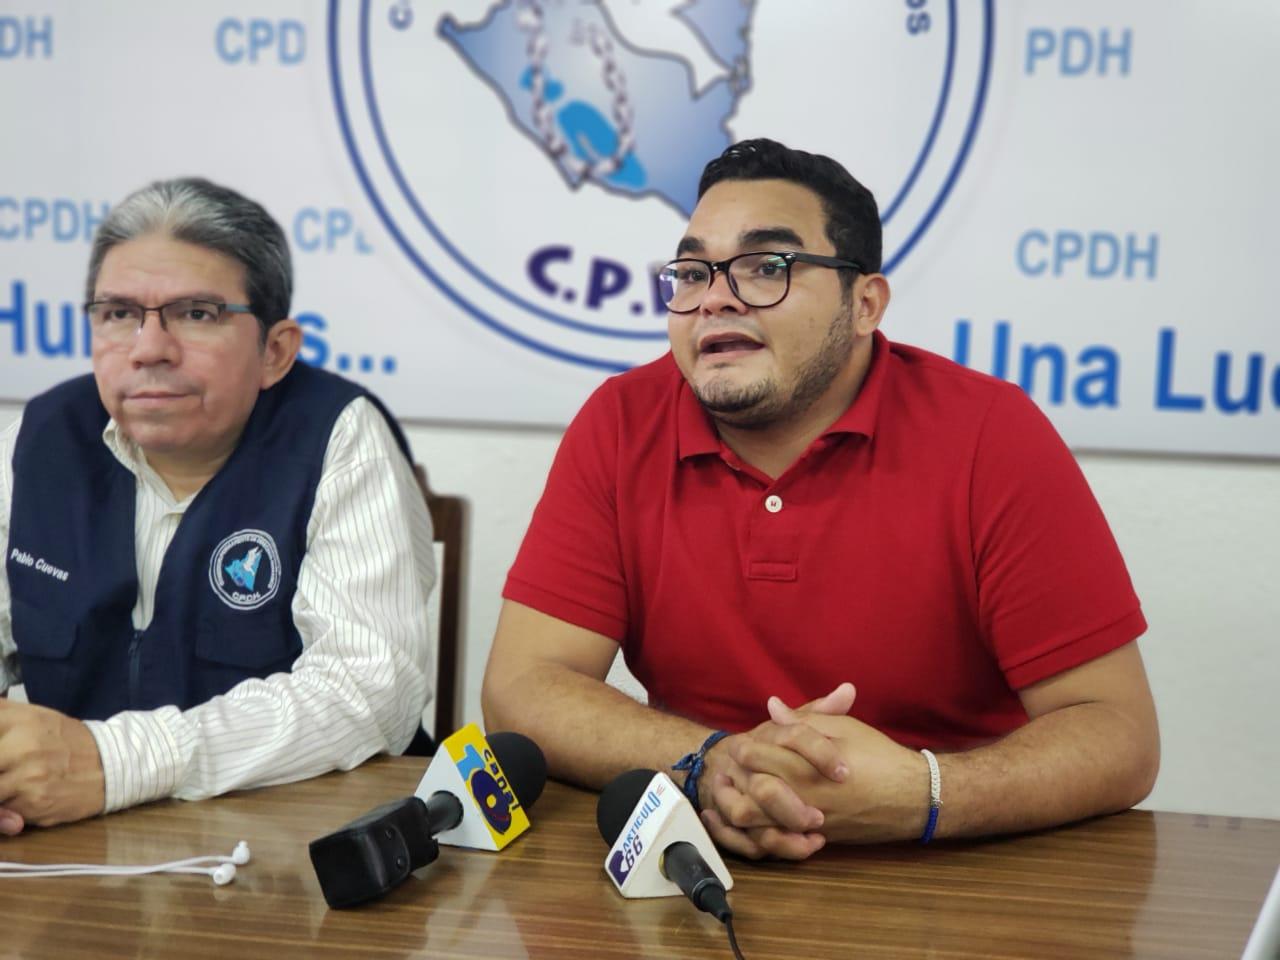 Byron Estrada denuncia allanamiento de vivienda por parte de la policía orteguista. Foto: G. Shiffman / Artículo 66